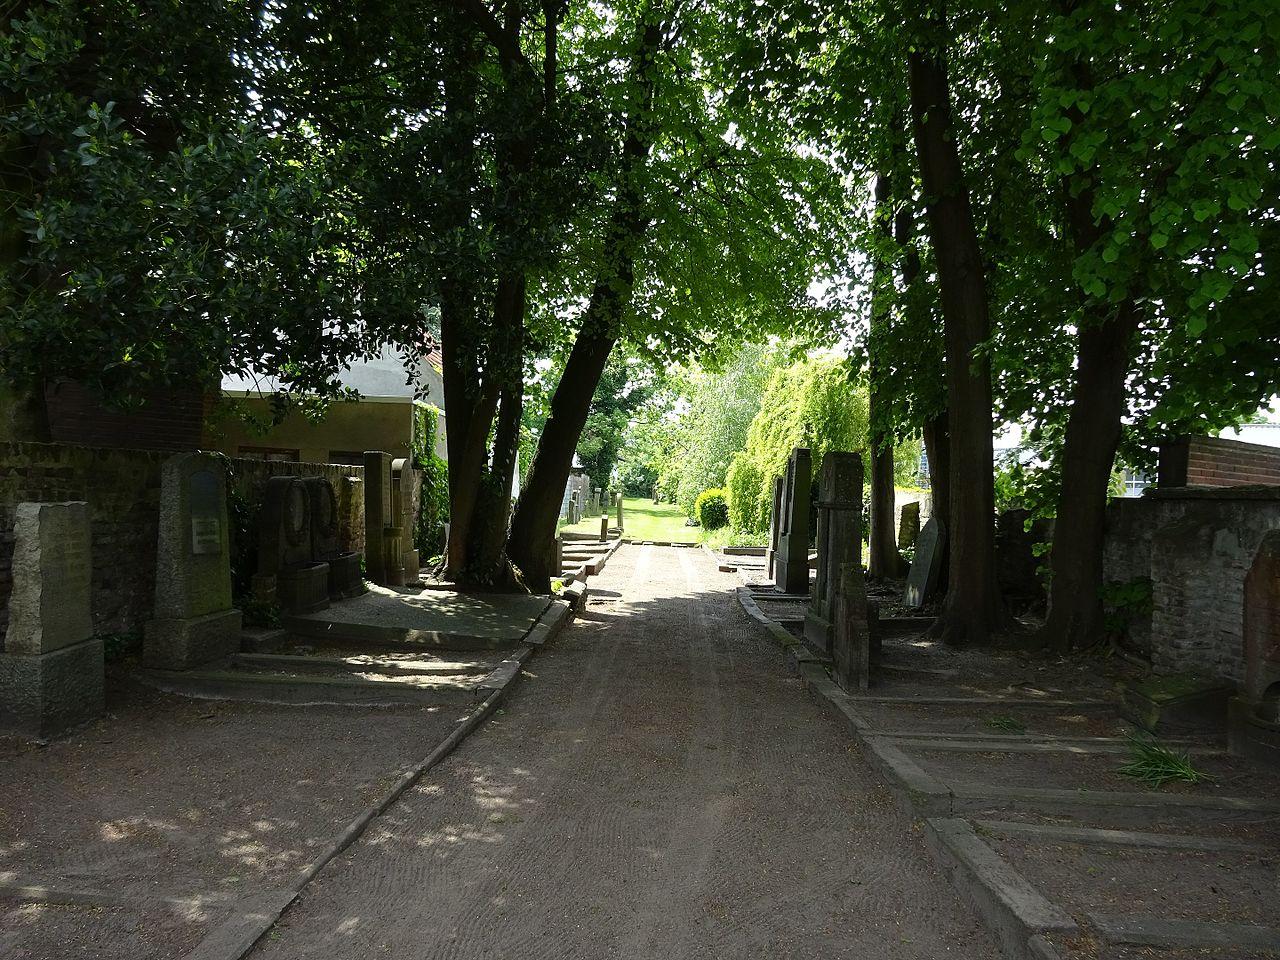 Jüdischer Friedhof (Emmerich am Rhein) PM15-02.jpg